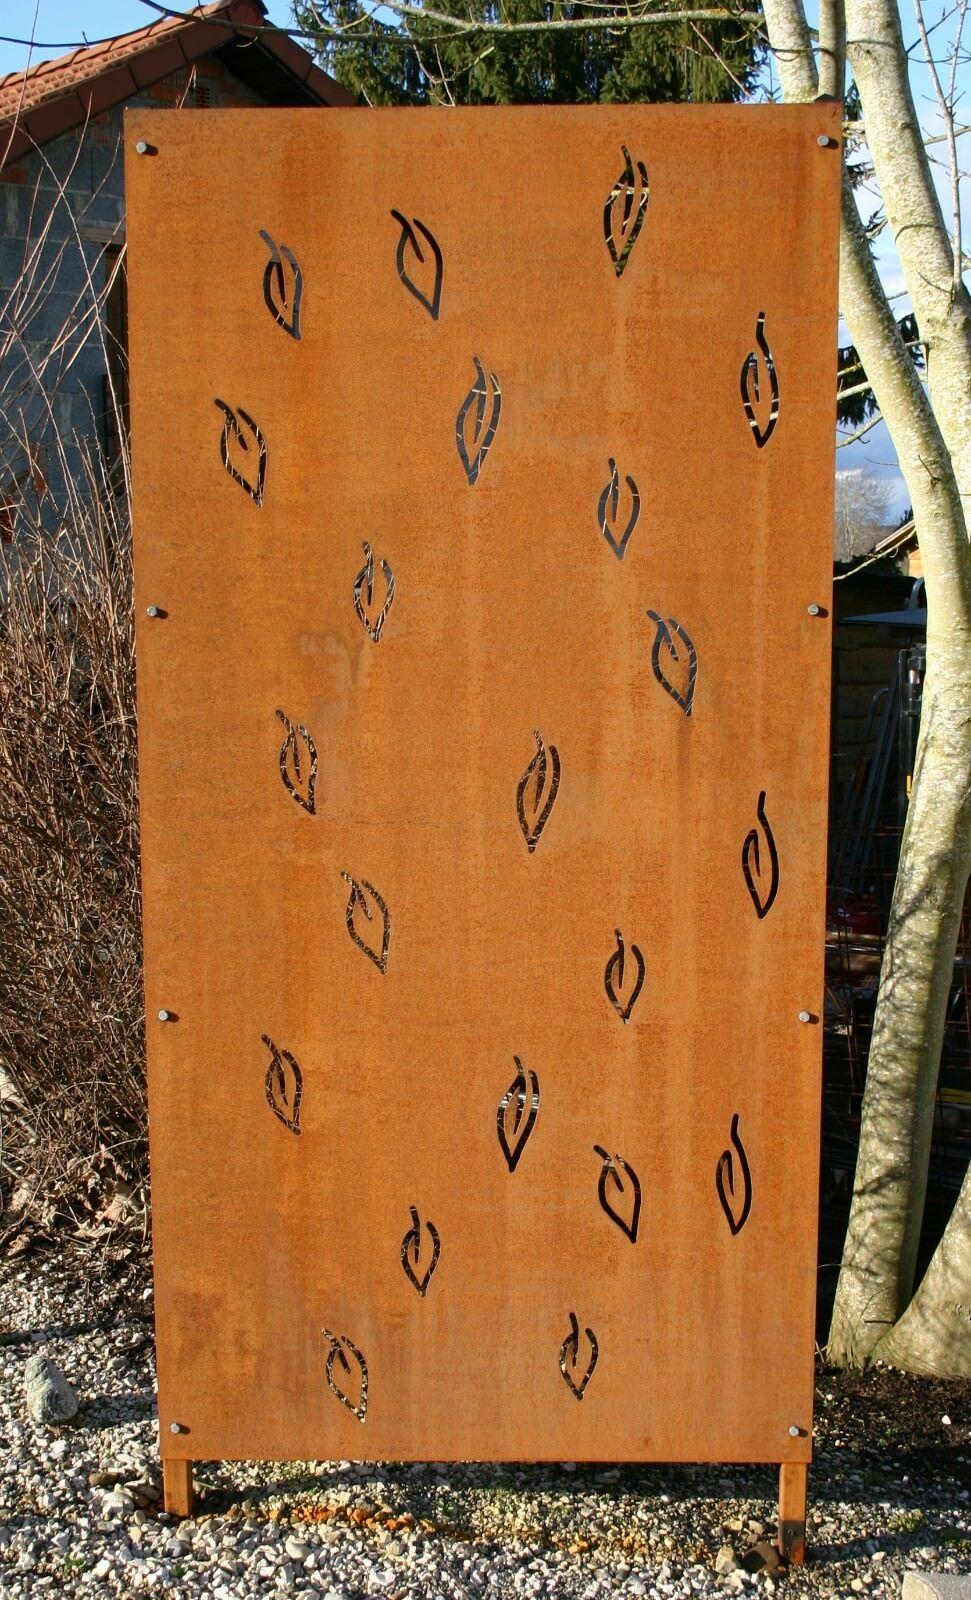 Full Size of Sichtschutz Garten Holz Regale Metall Bett Lattenrost 140x200 Mit Matratze Und Schlafzimmer Set 90x200 Betten Sichtschutzfolie Fenster Einseitig Durchsichtig Wohnzimmer Sichtschutz Metall Rost